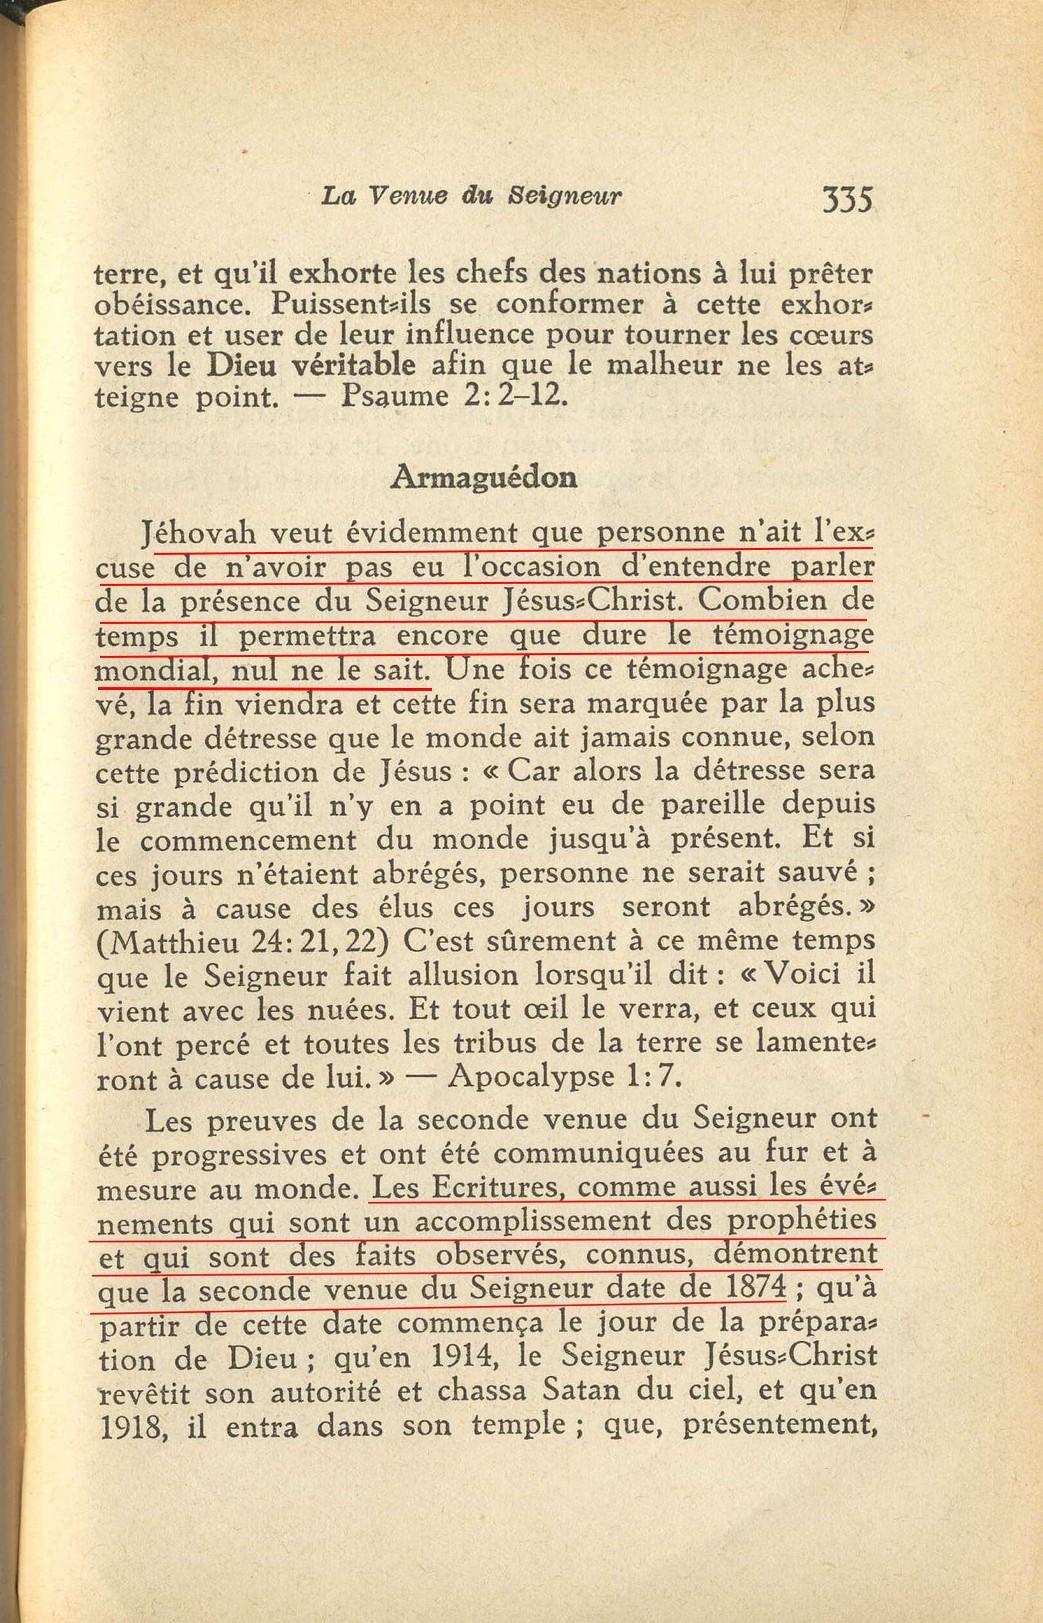 Affirmation de la pr sencede christ sur la terre depuis 1874 - Combien de temps dur un retour de couche ...